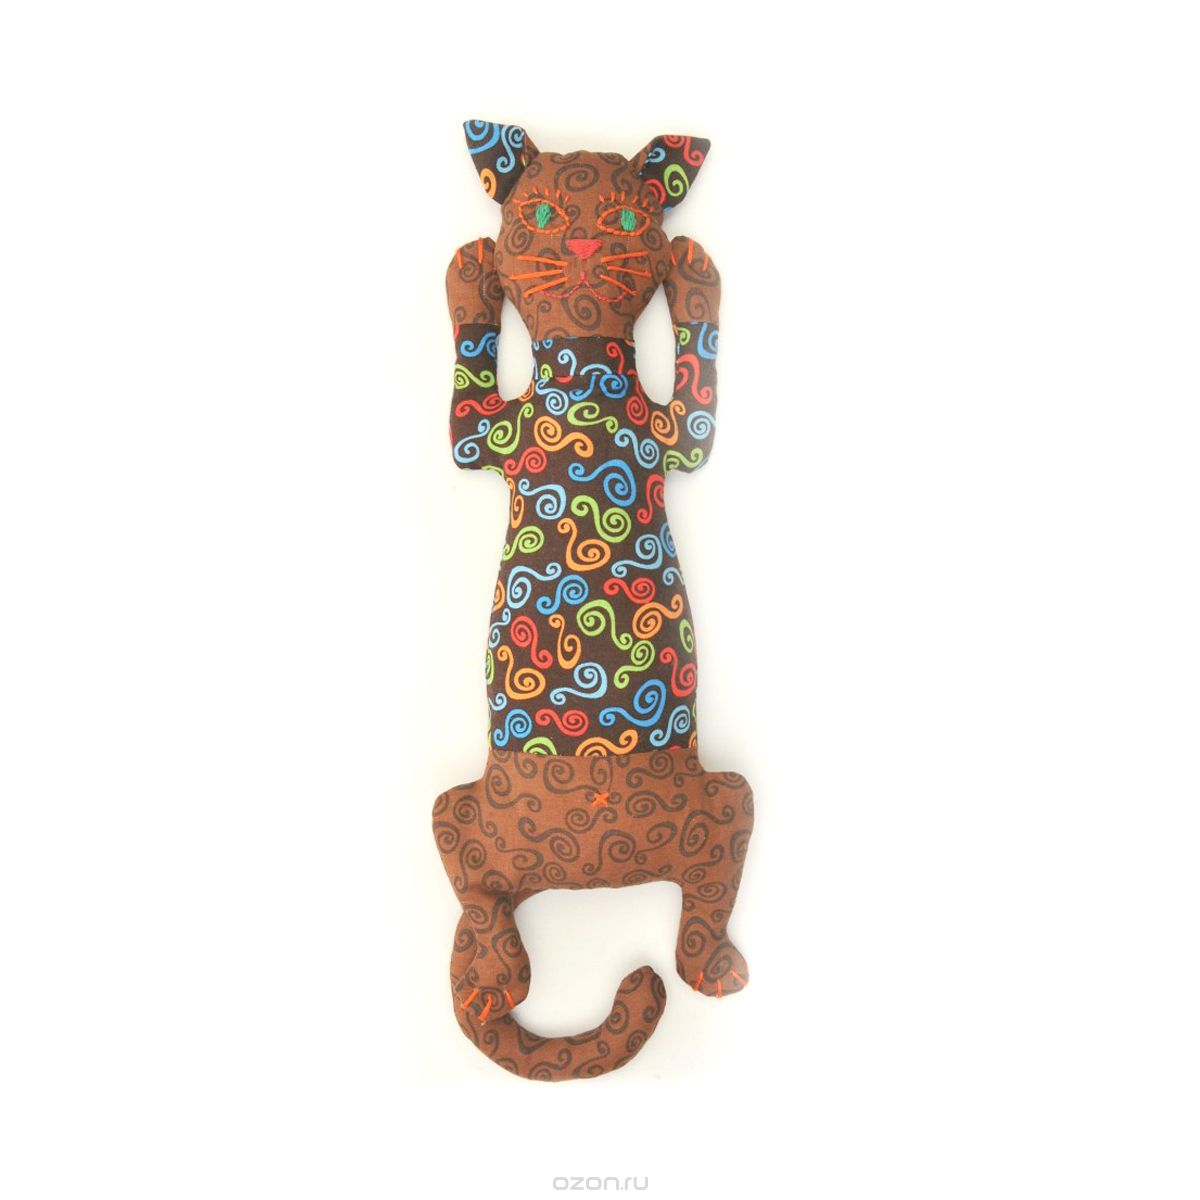 КП-202 Набор для изготовления текстильной игрушки 'Кот Кофеман', 34,5 см, 'Перловка'